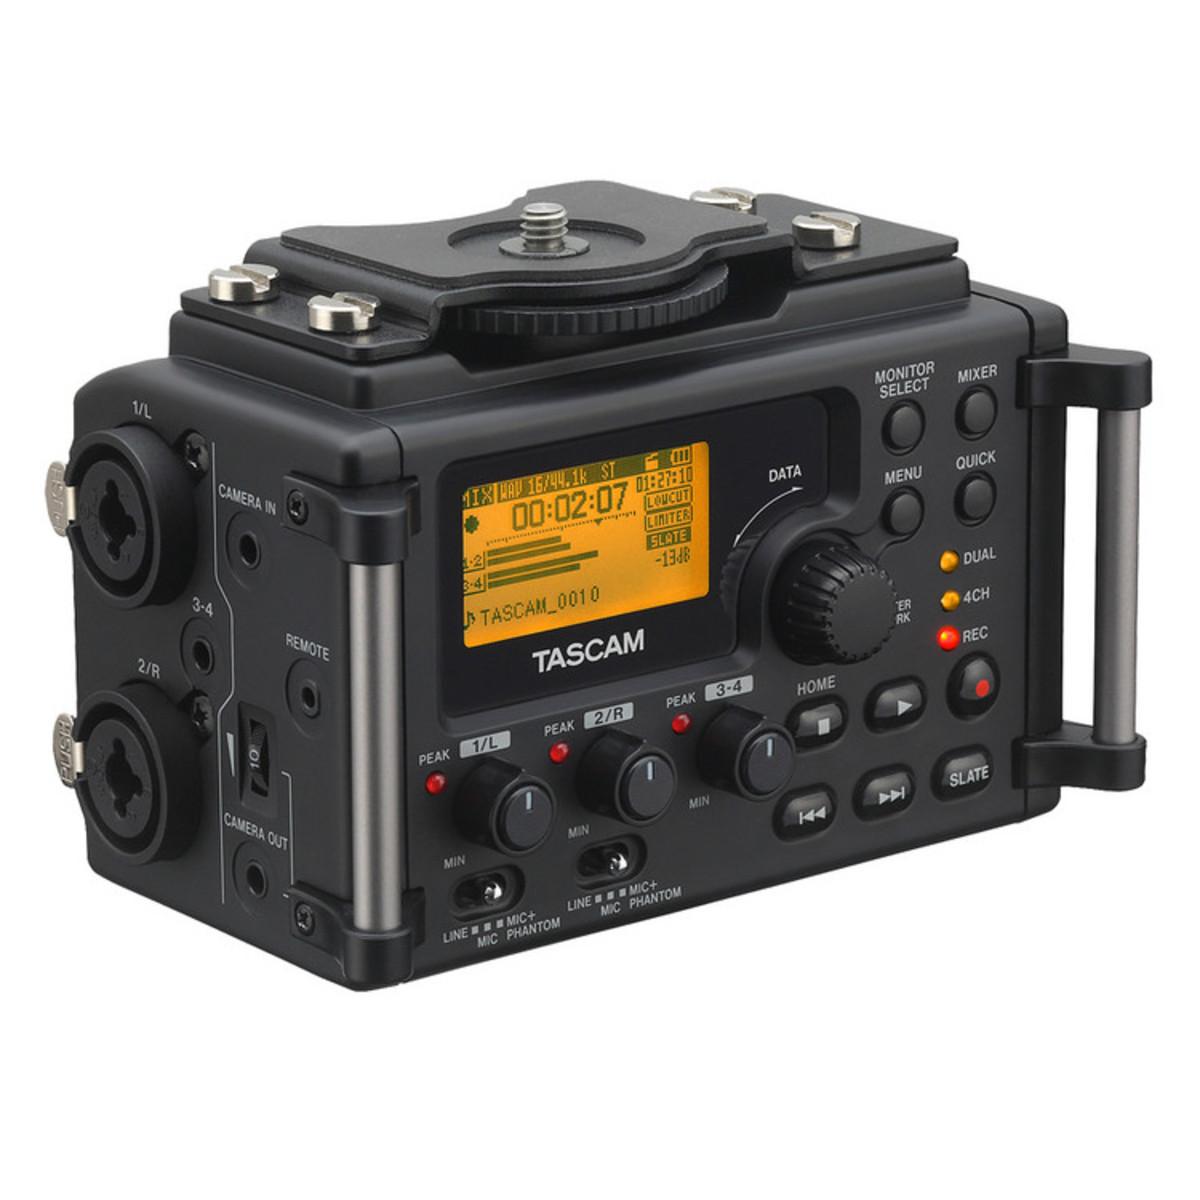 Tascam dr 60d audio recorder per l 39 uso con dslr b - Dive recorder results ...